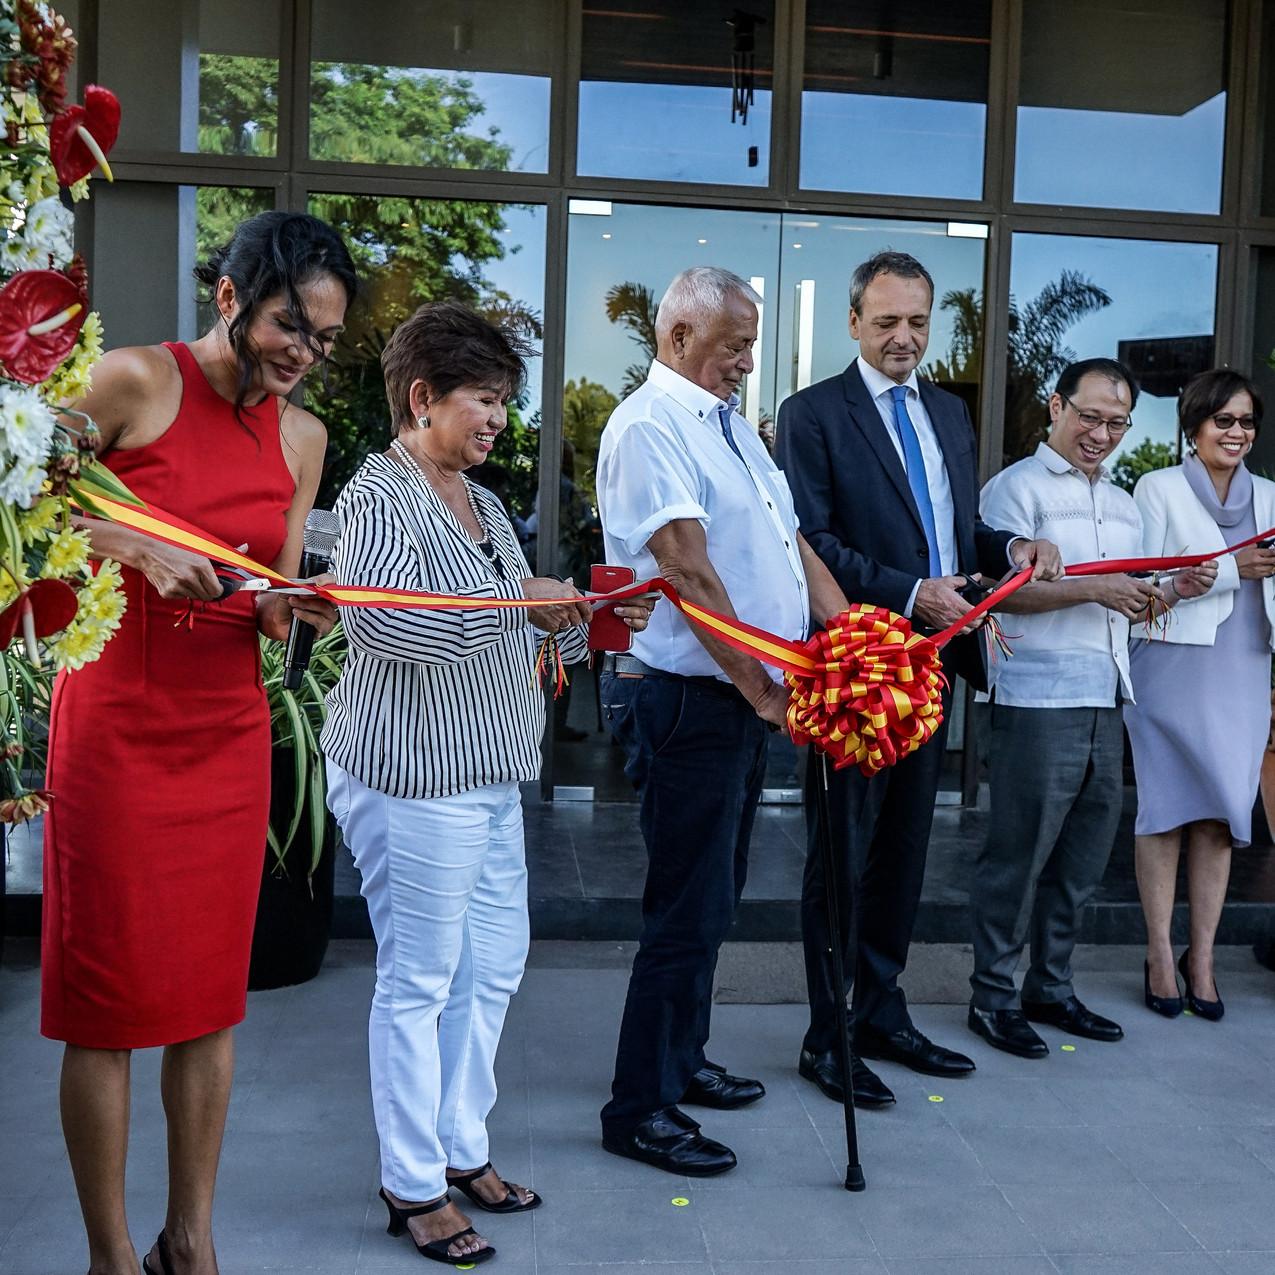 Ribbon-cutting Rites. From left (Gianna-Kessler, Pacita Kessler, Horst Kessler, Ambassador Kricke, Philip Soliven, Lenie Bermudez)